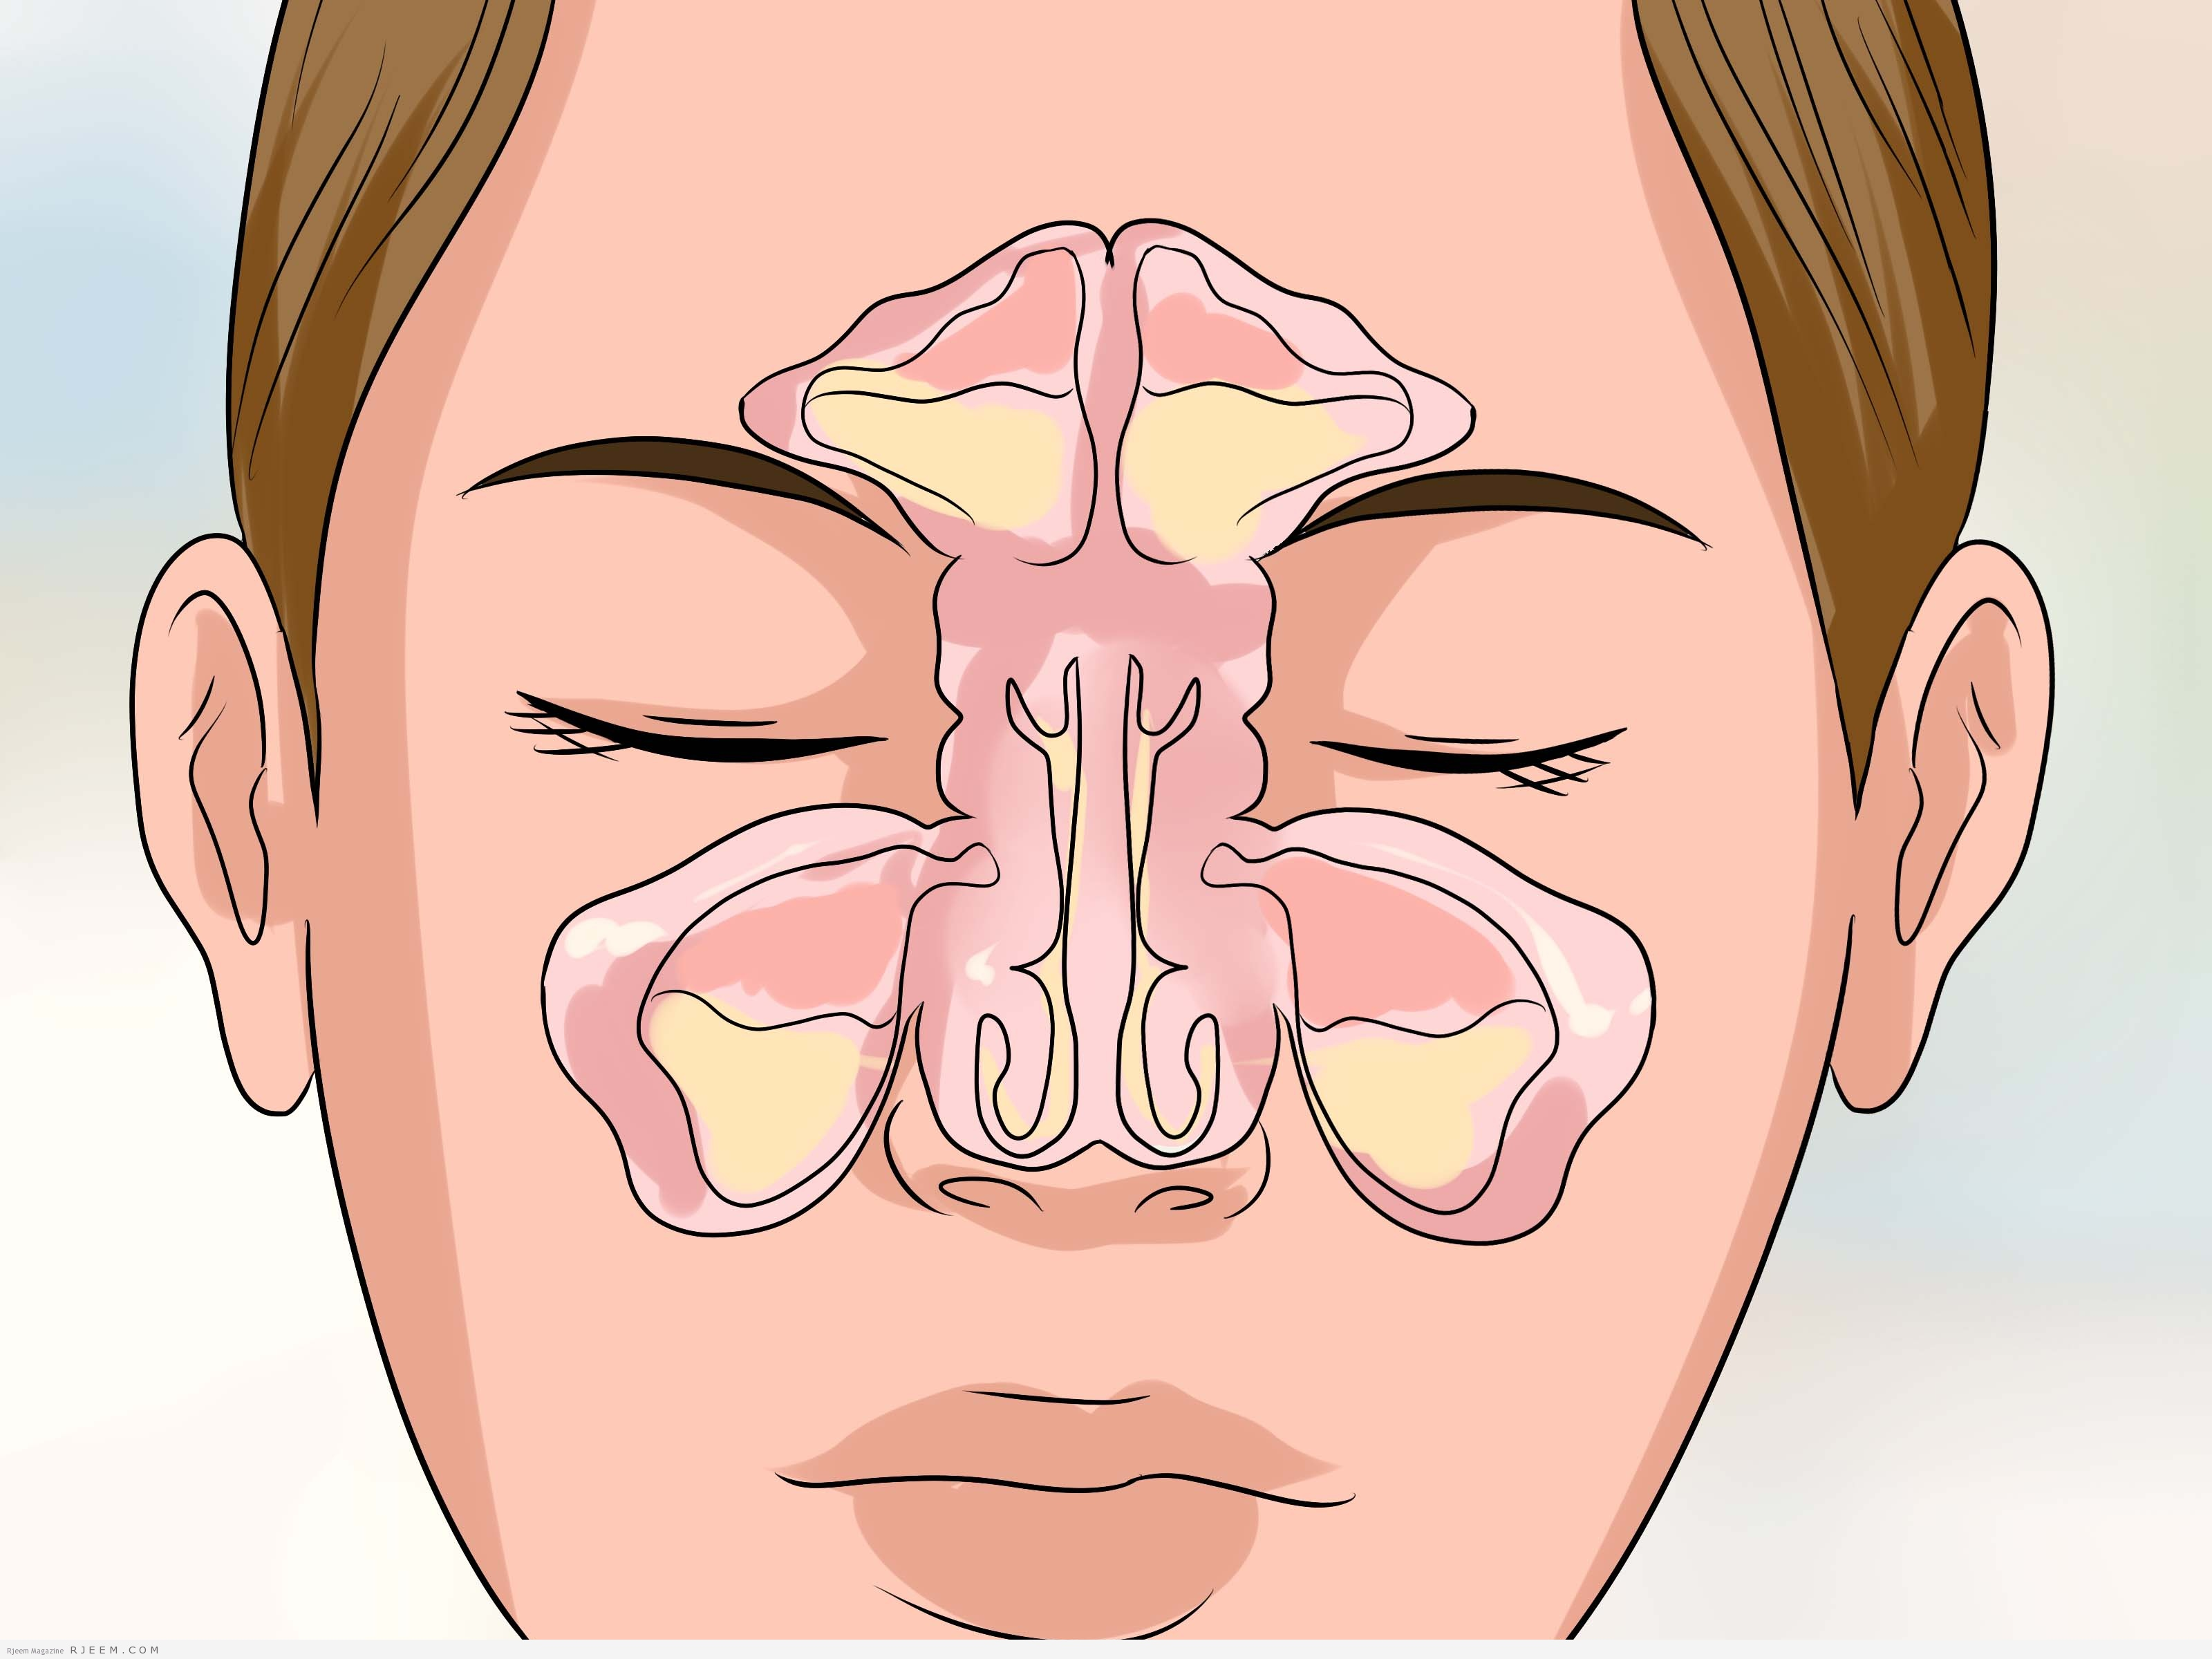 5 من اعراض التهاب الجيوب الانفية